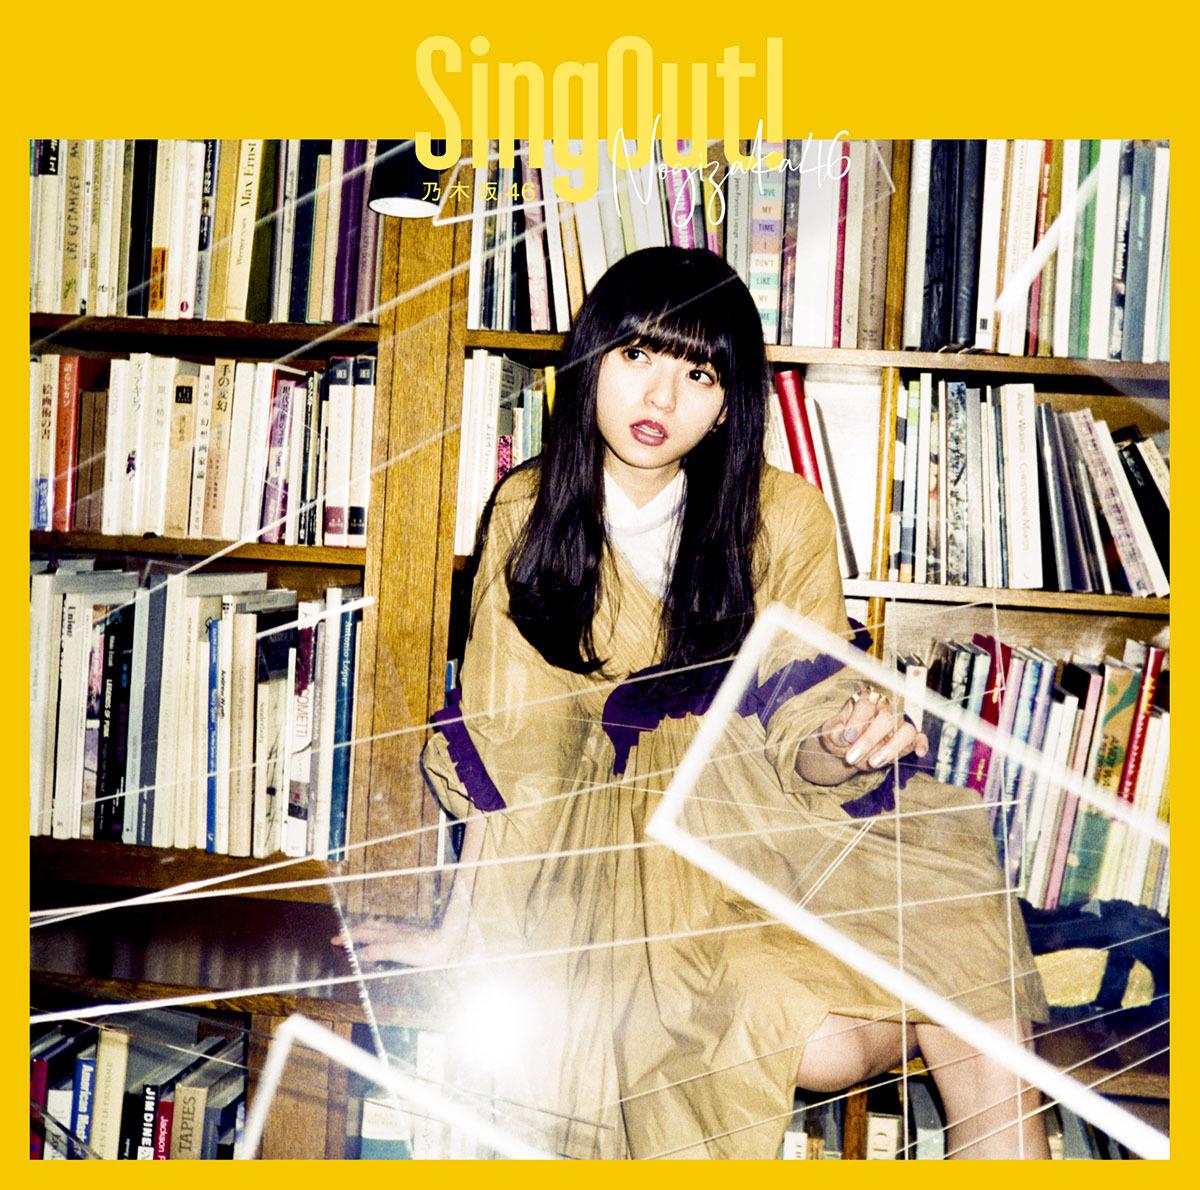 乃木坂46 (のぎざかフォーティーシックス) 23rdシングル『Sing Out! (シング・アウト)』(初回仕様限定盤 Type-A) 高画質CDジャケット画像